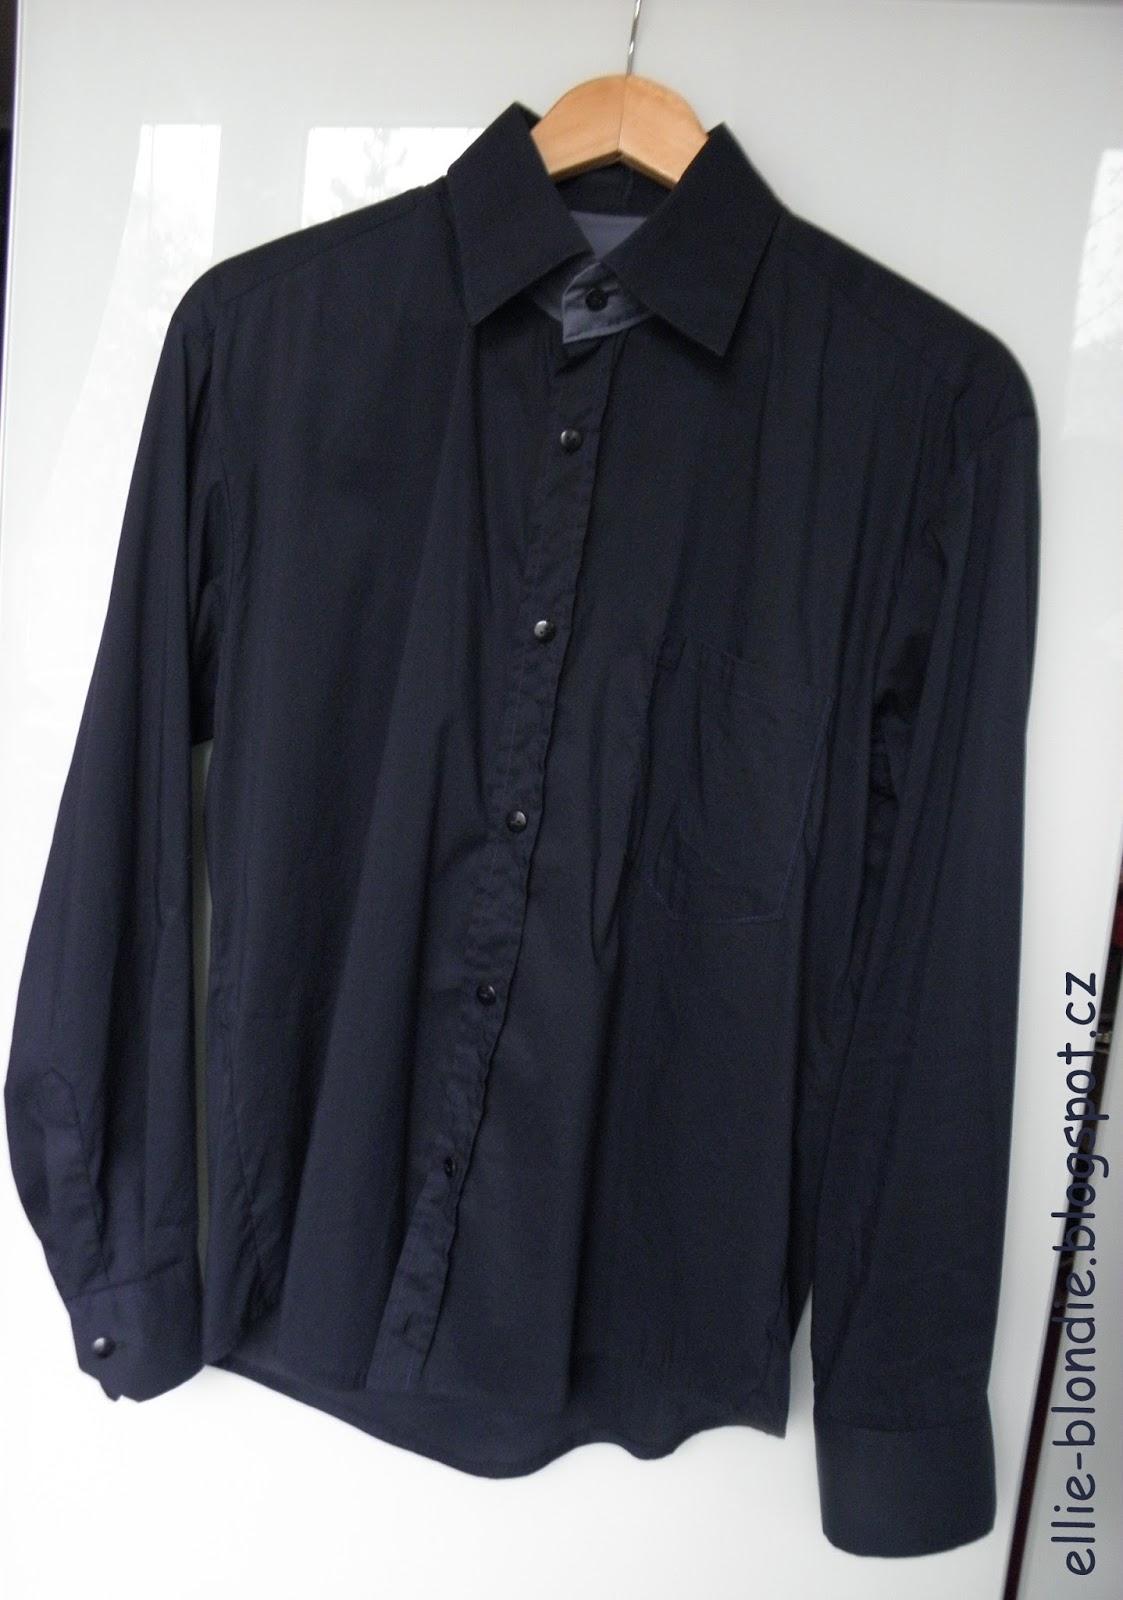 Košile je zapínaná na knoflíky da5eccb41f